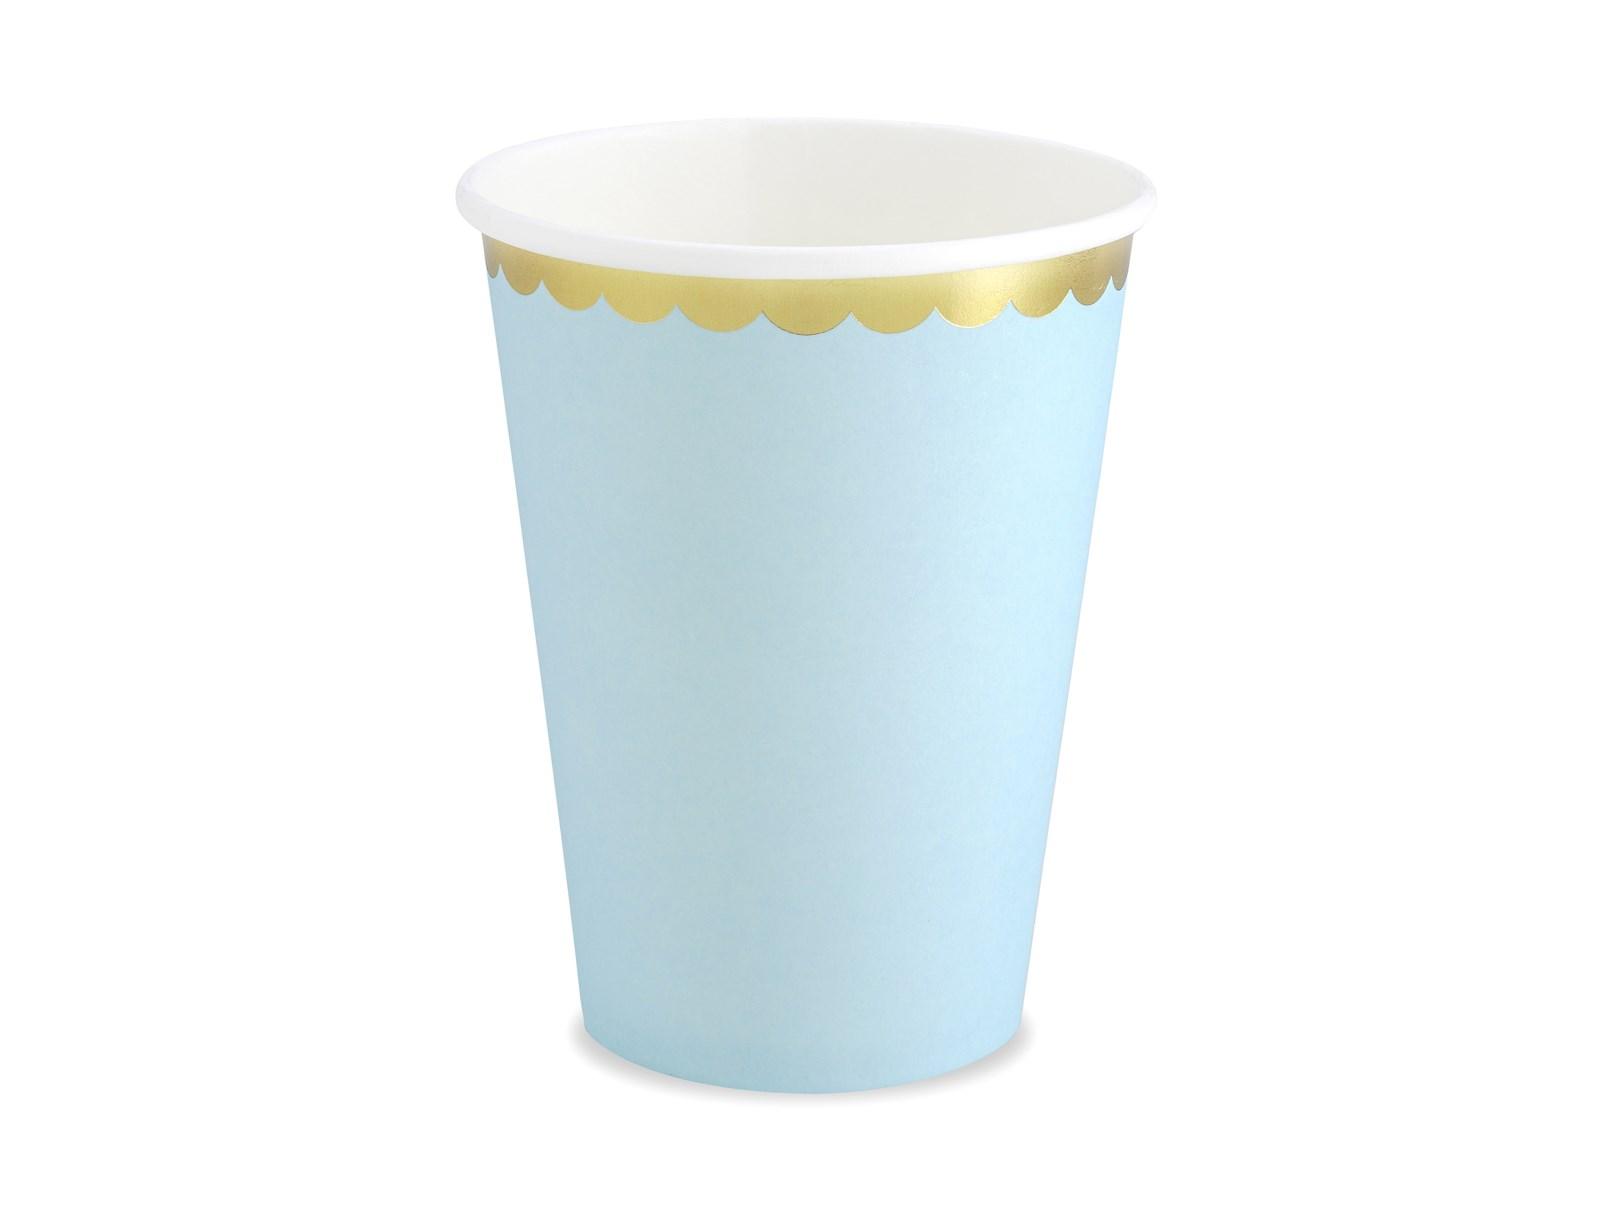 Χάρτινα Ποτήρια Γαλάζιο με Χρυσό 220ml – 6 Τεμάχια